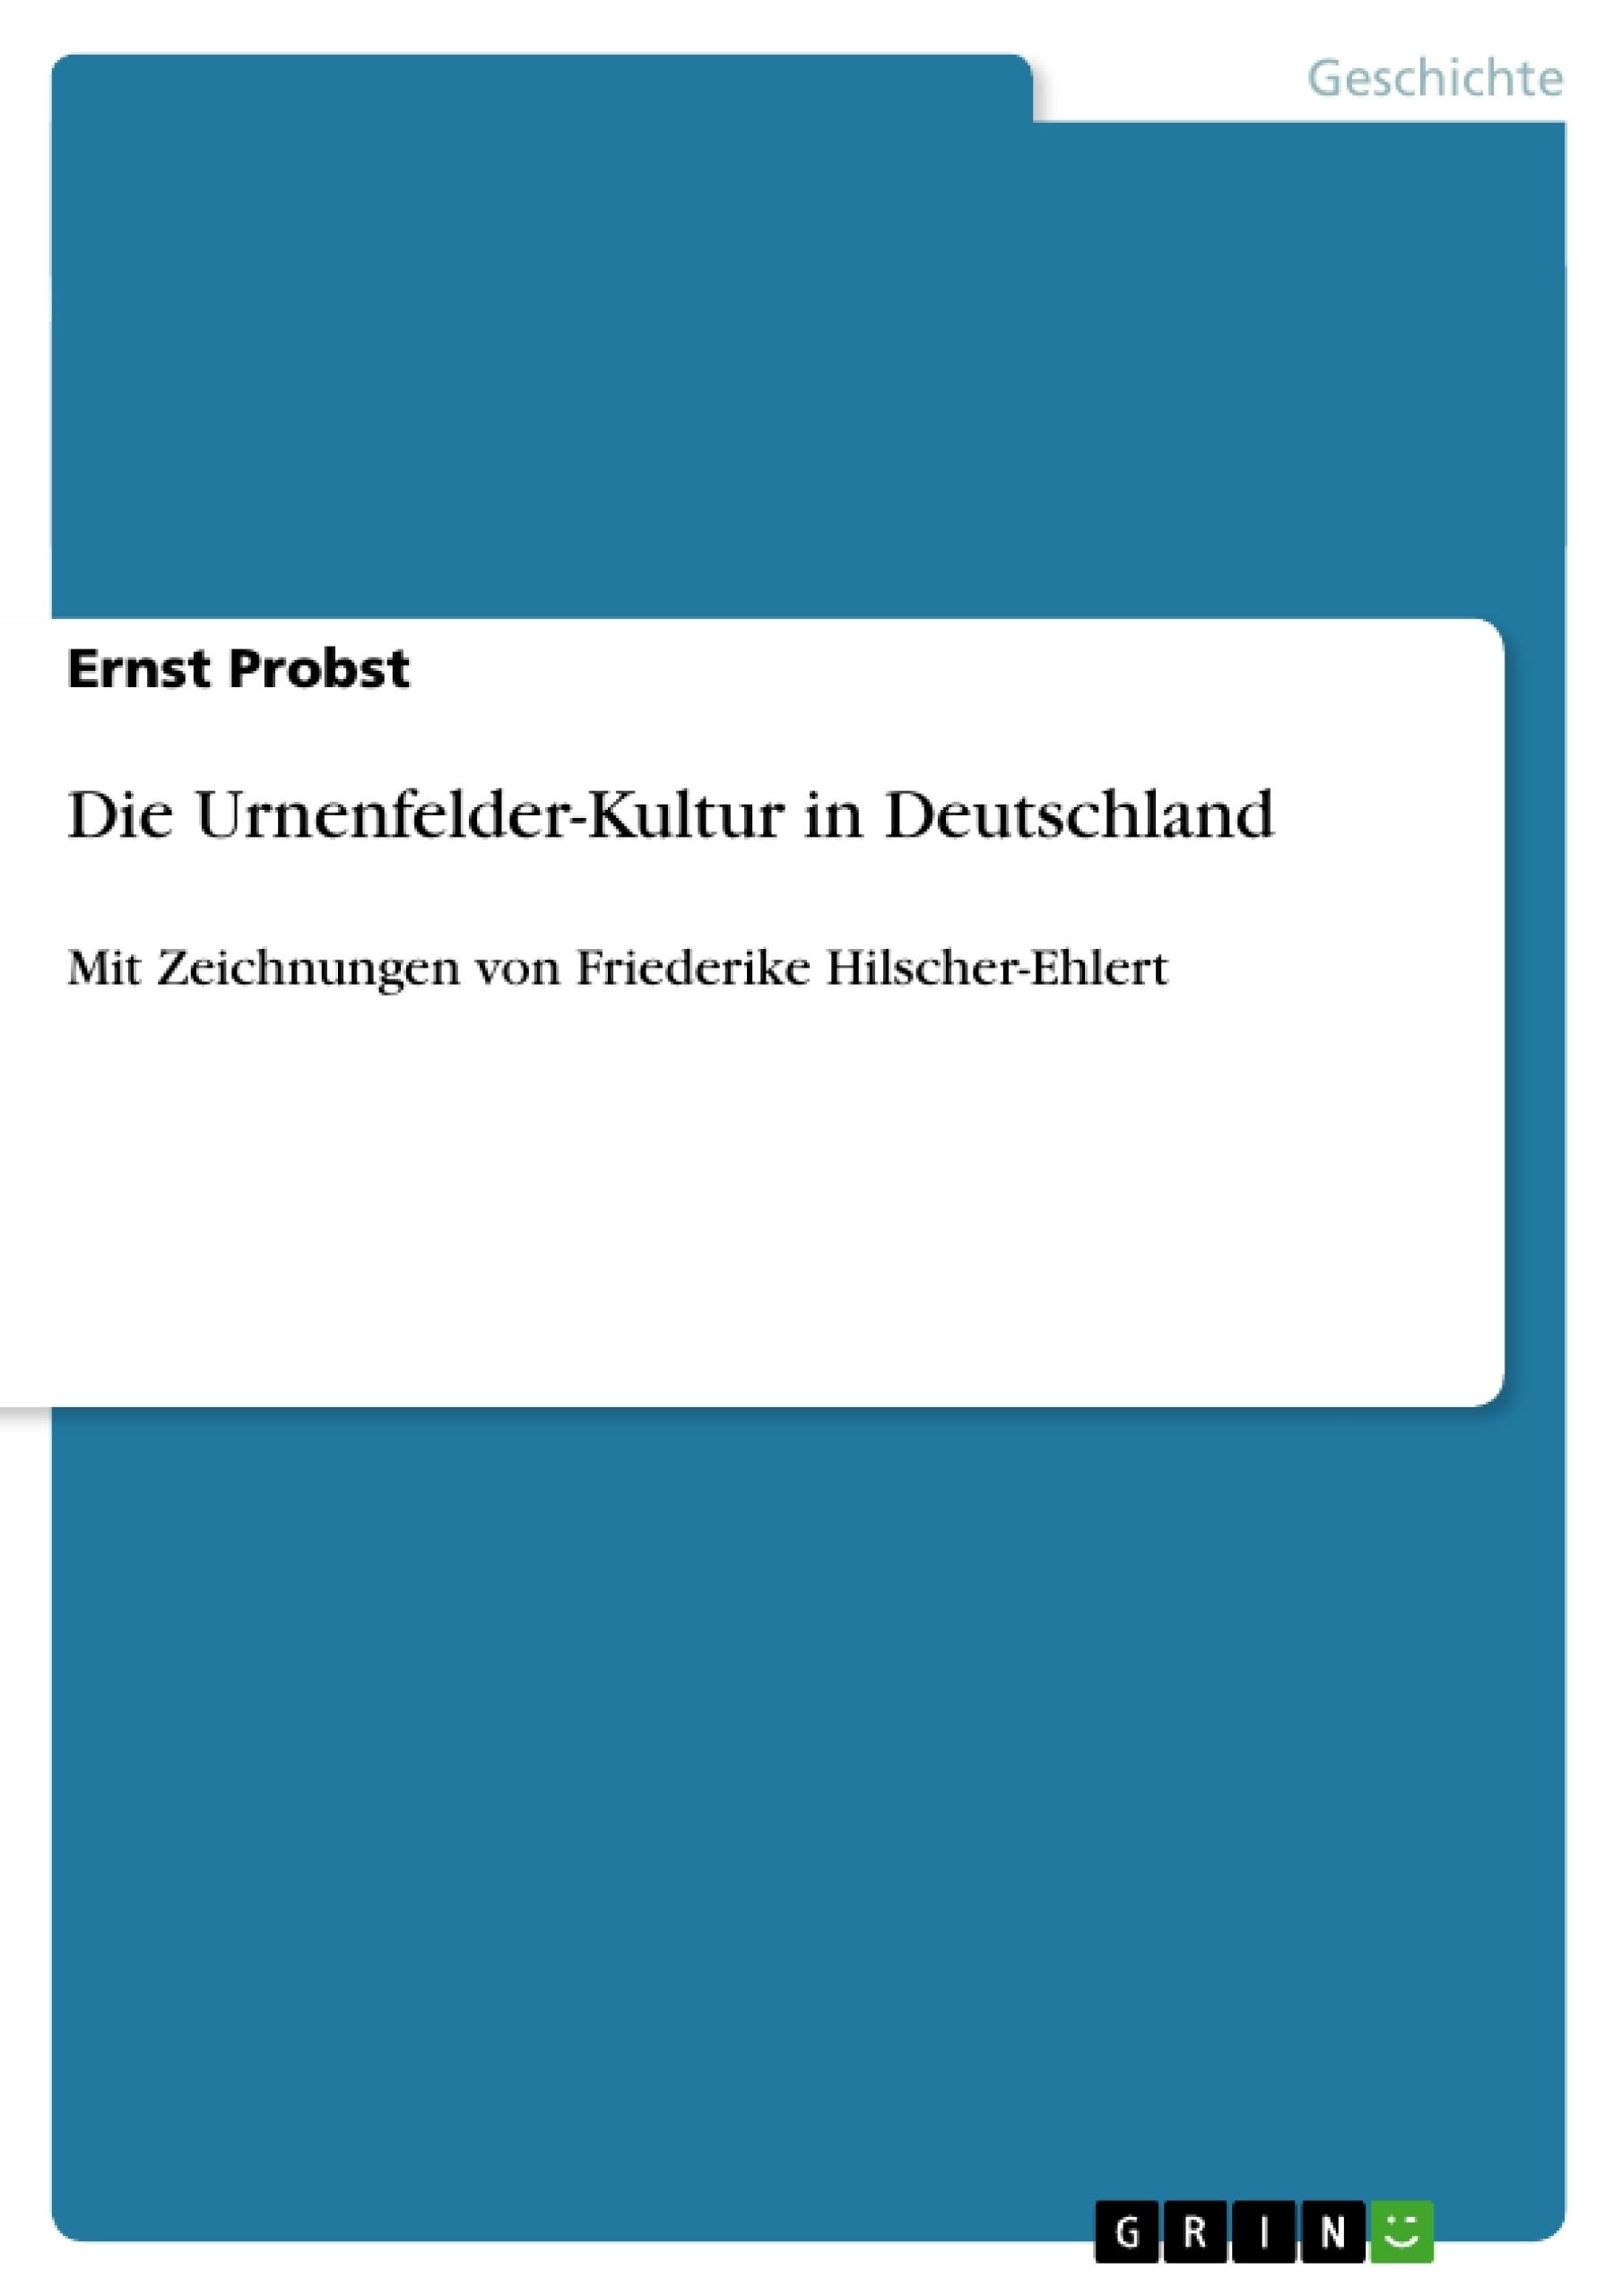 Titel: Die Urnenfelder-Kultur in Deutschland